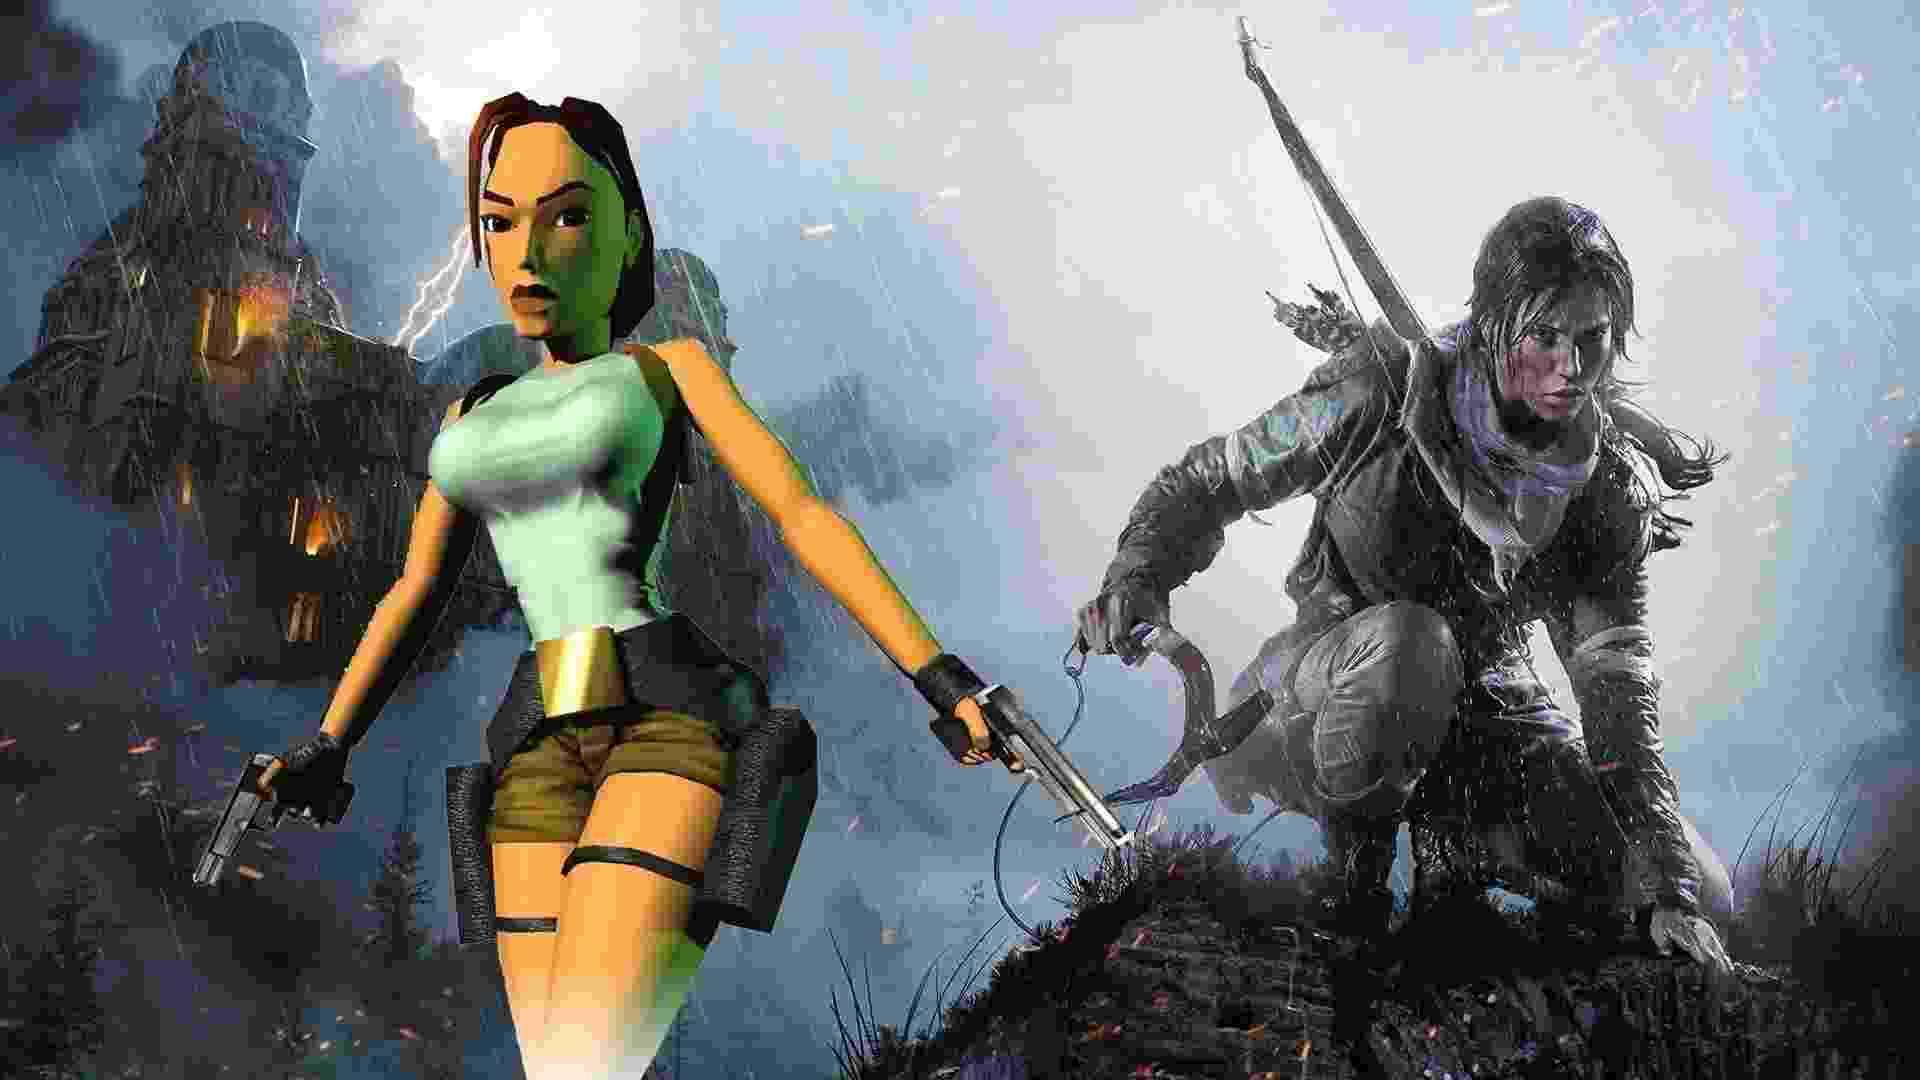 Lara Croft - Reprodução